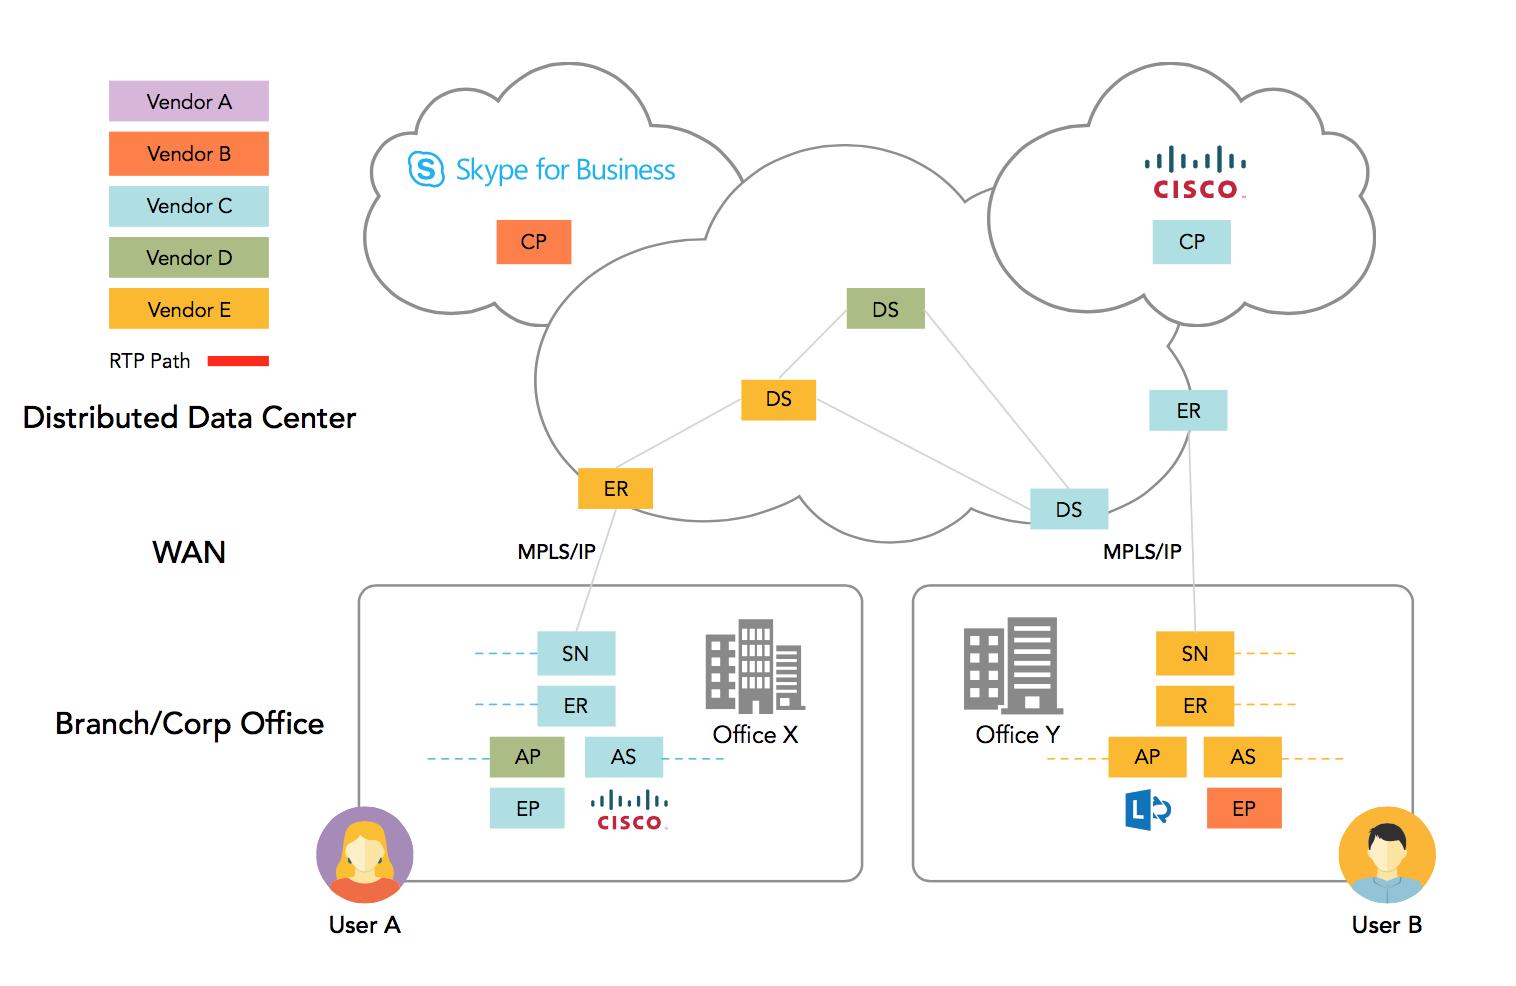 図1. 分散型企業のネットワークおよびUCインフラ展開状況